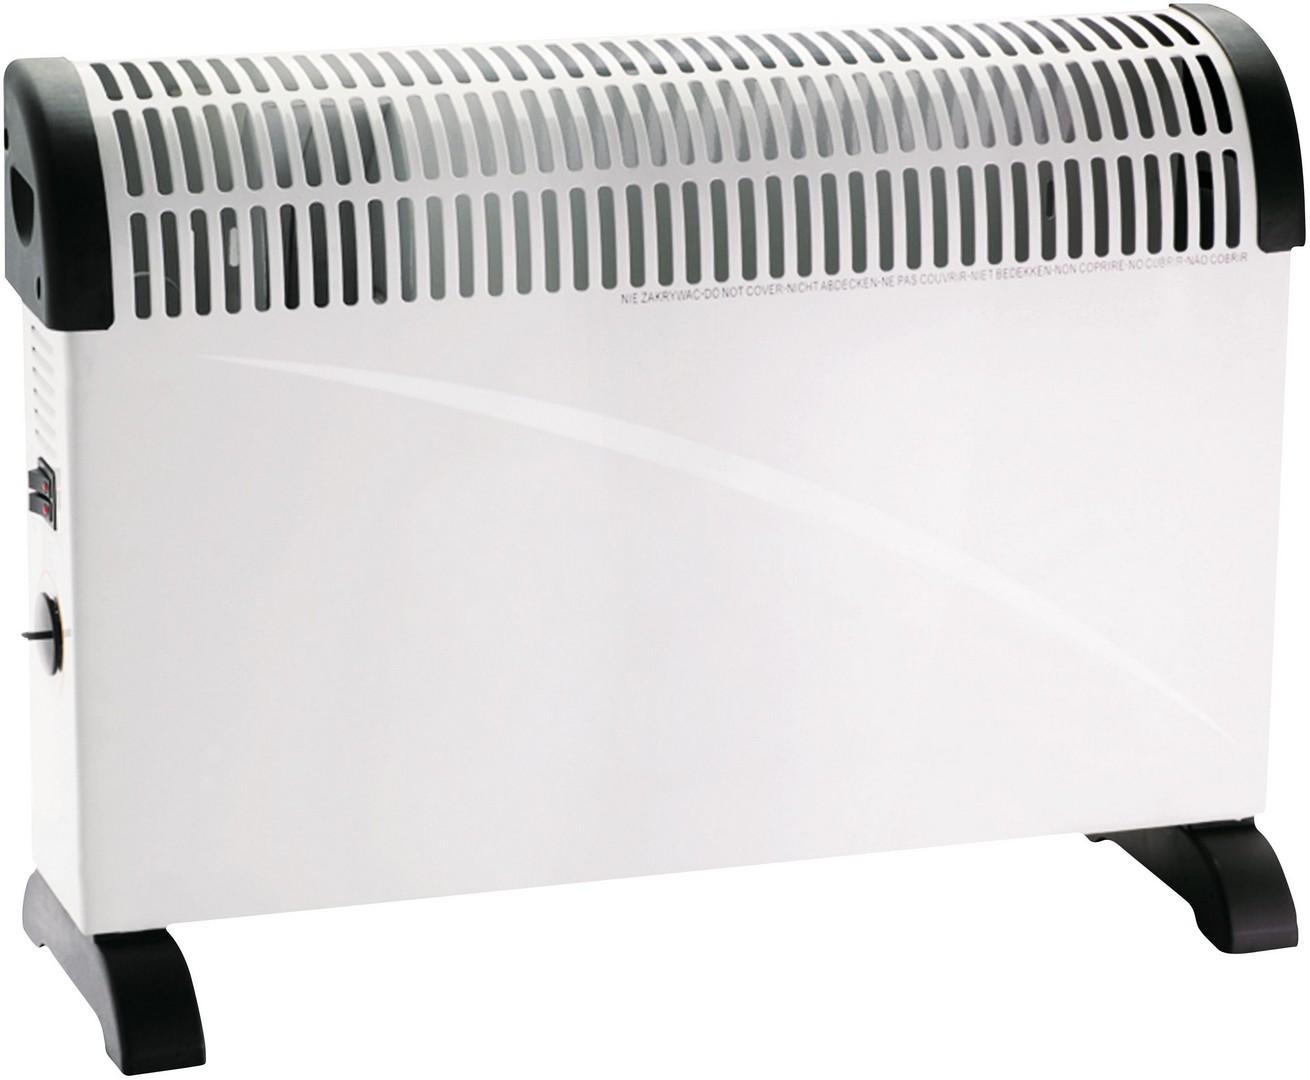 Rhino 2kw Convector Heater - 240v